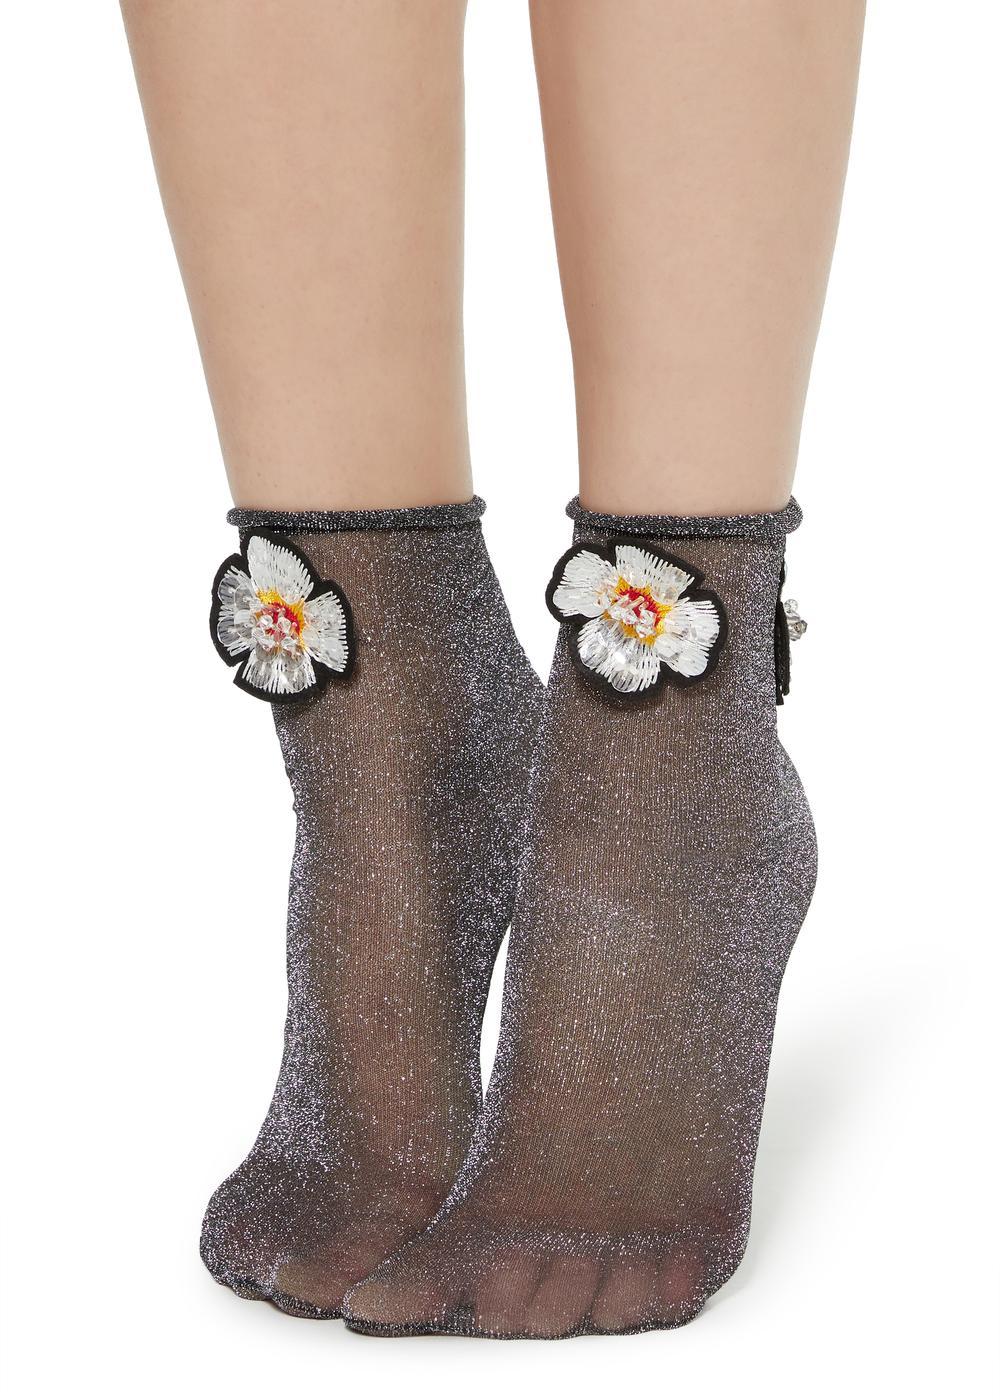 Fancy socks with appliqué details